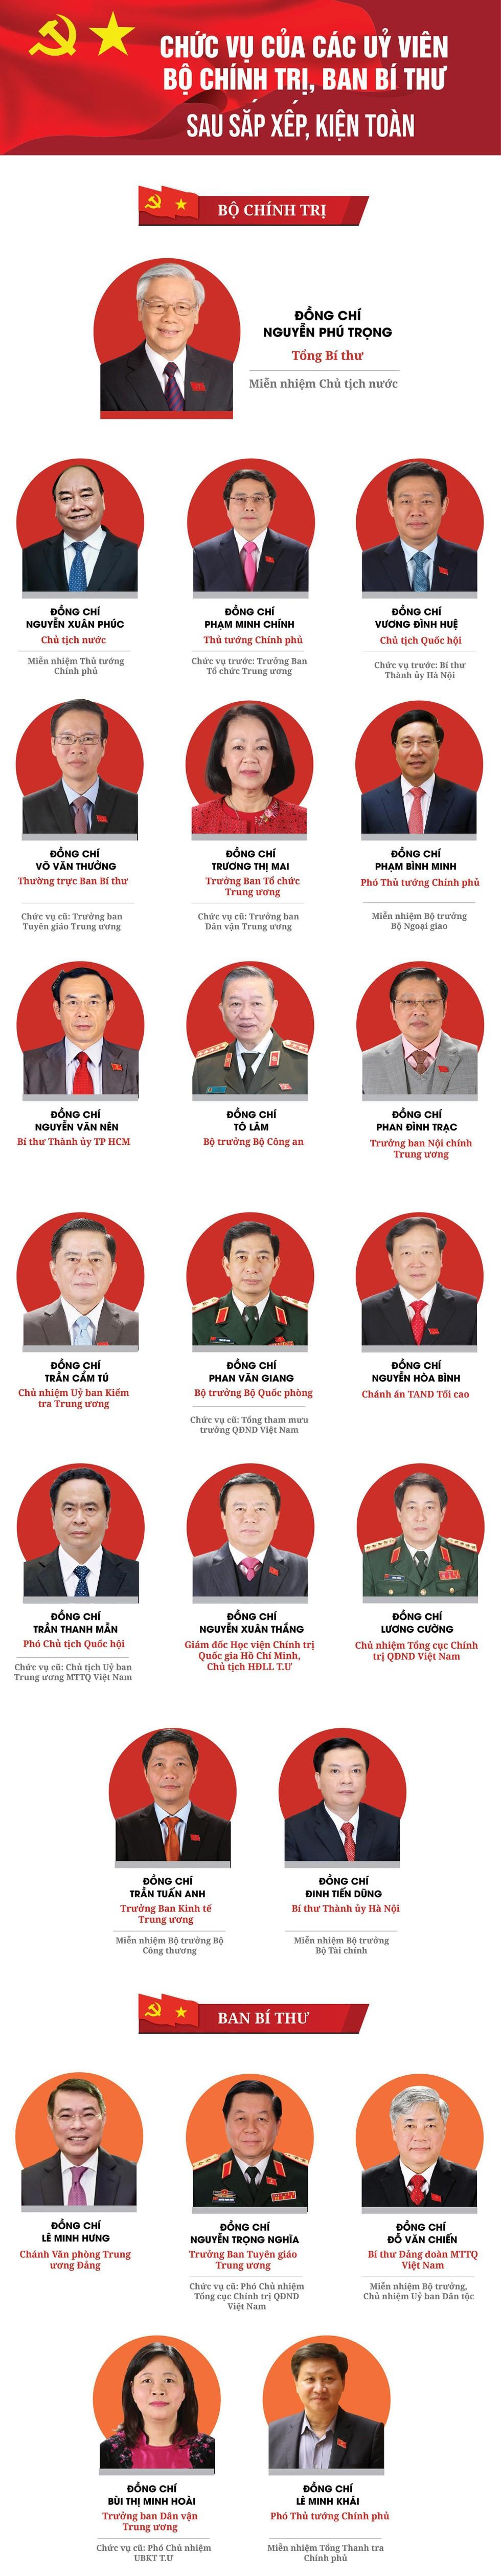 23 Ủy viên Bộ Chính trị, Ban Bí thư thay đổi chức danh ra sao sau kiện toàn, sắp xếp ảnh 1